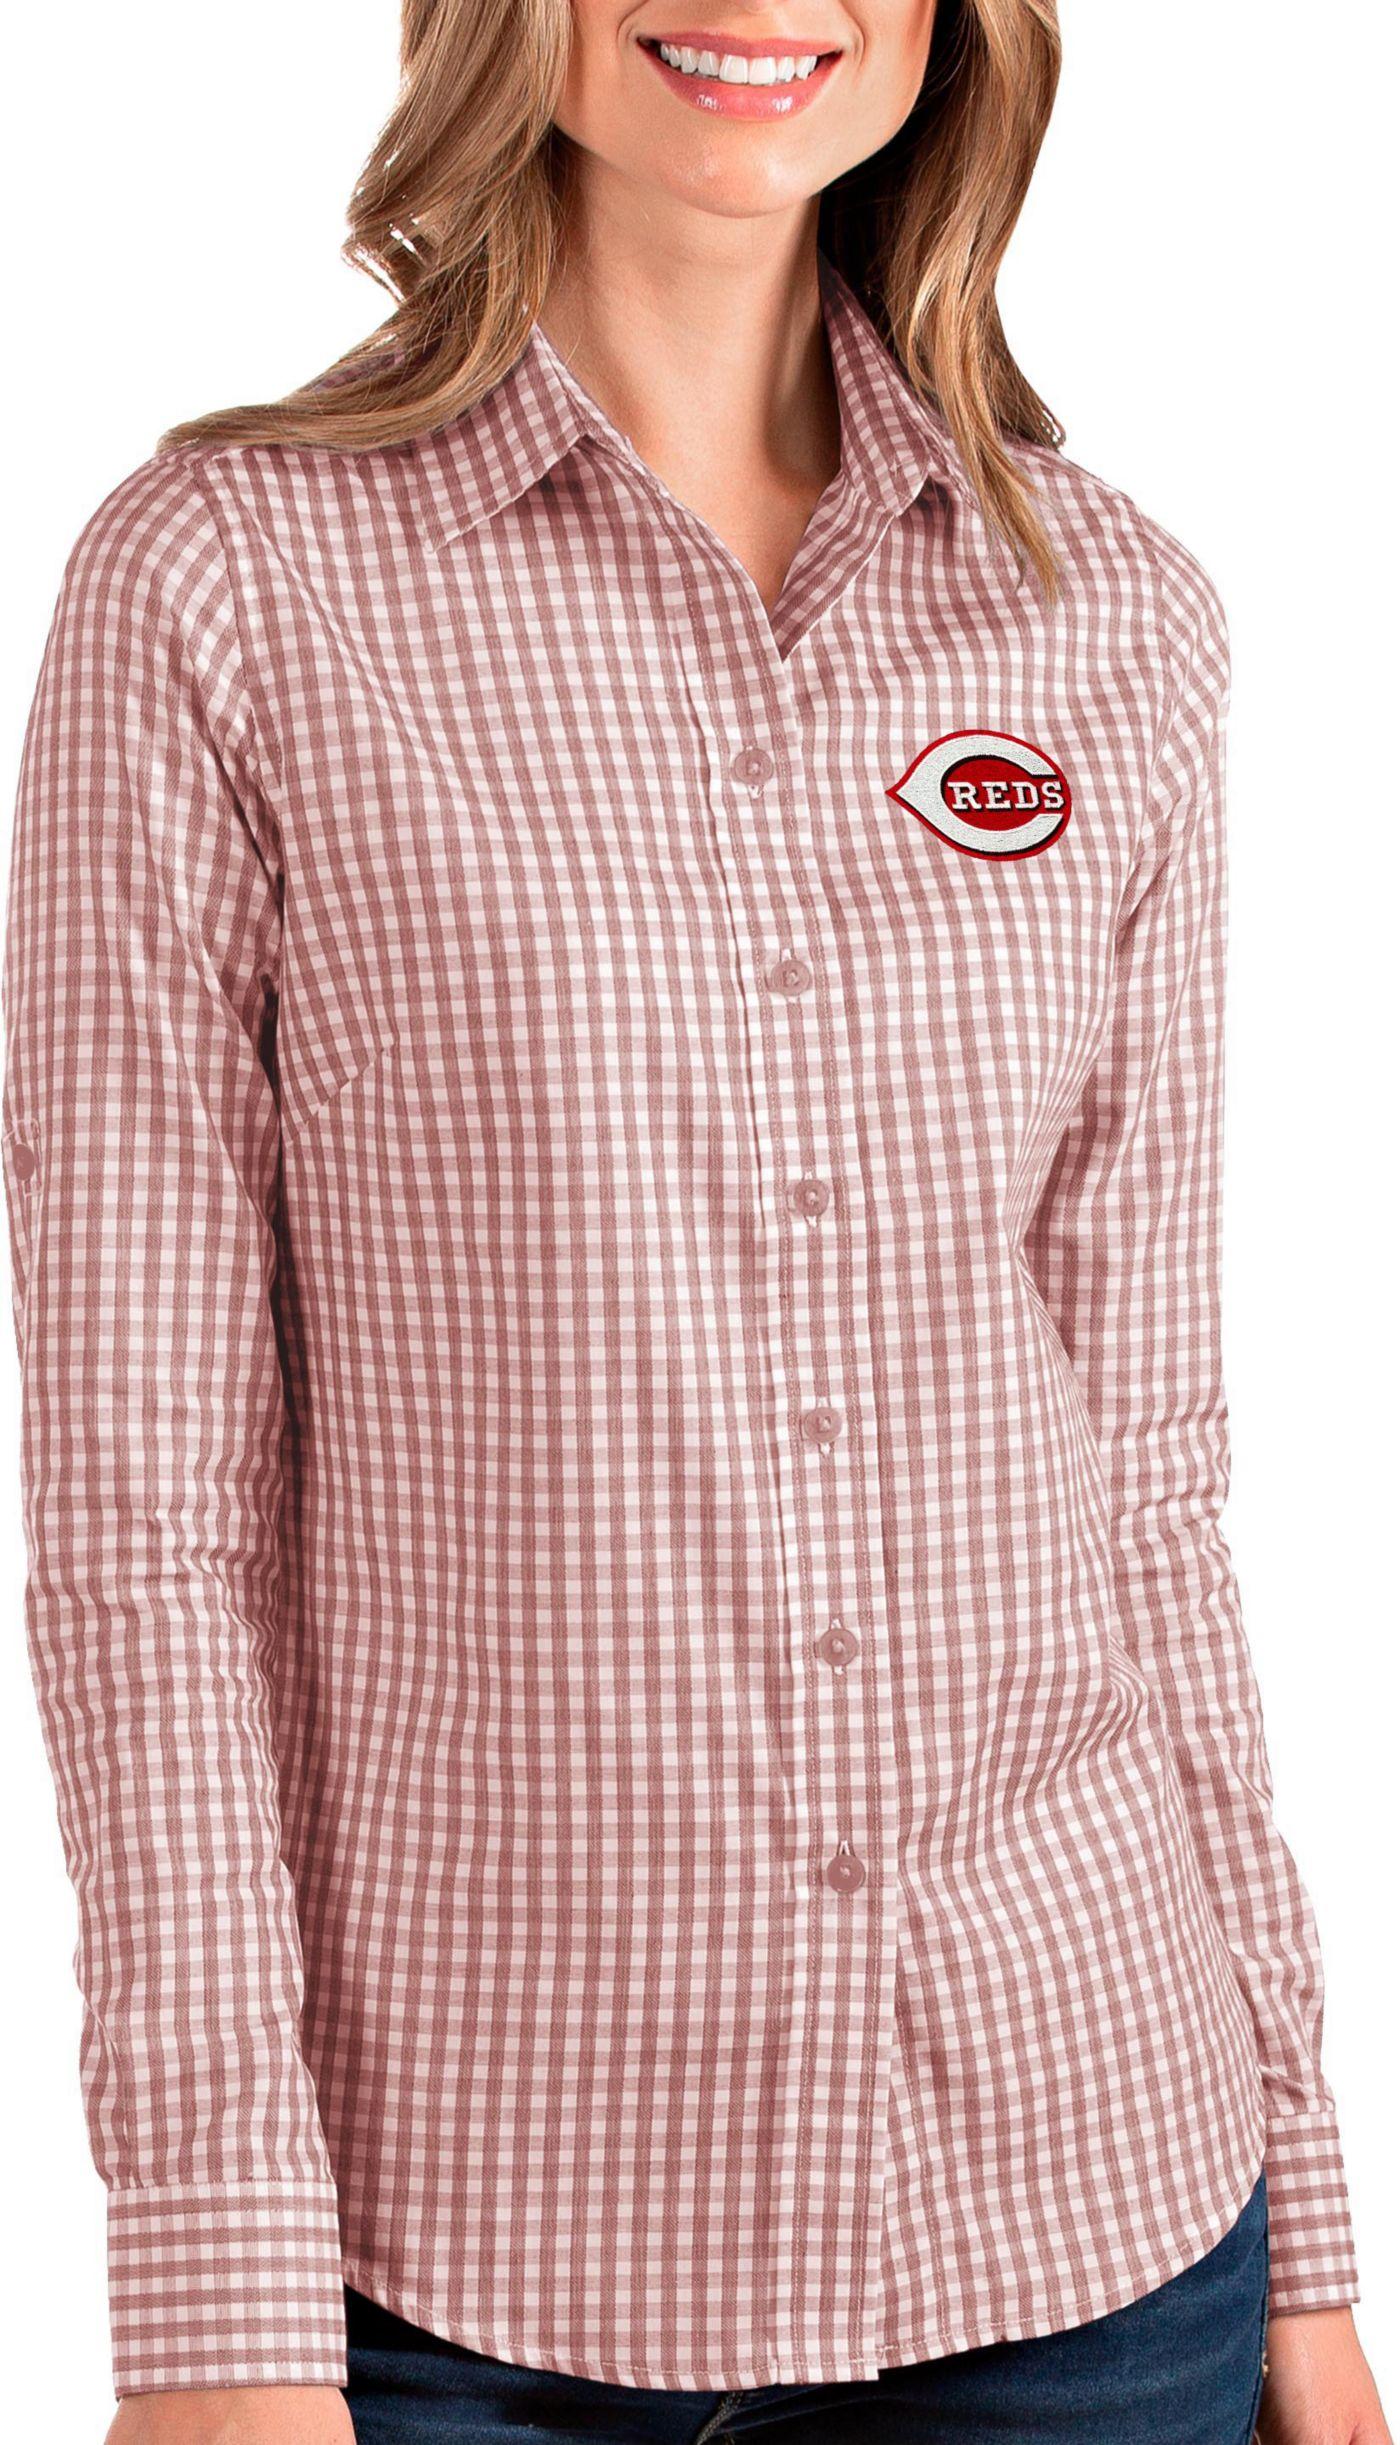 Antigua Women's Cincinnati Reds Structure Button-Up Red Long Sleeve Shirt